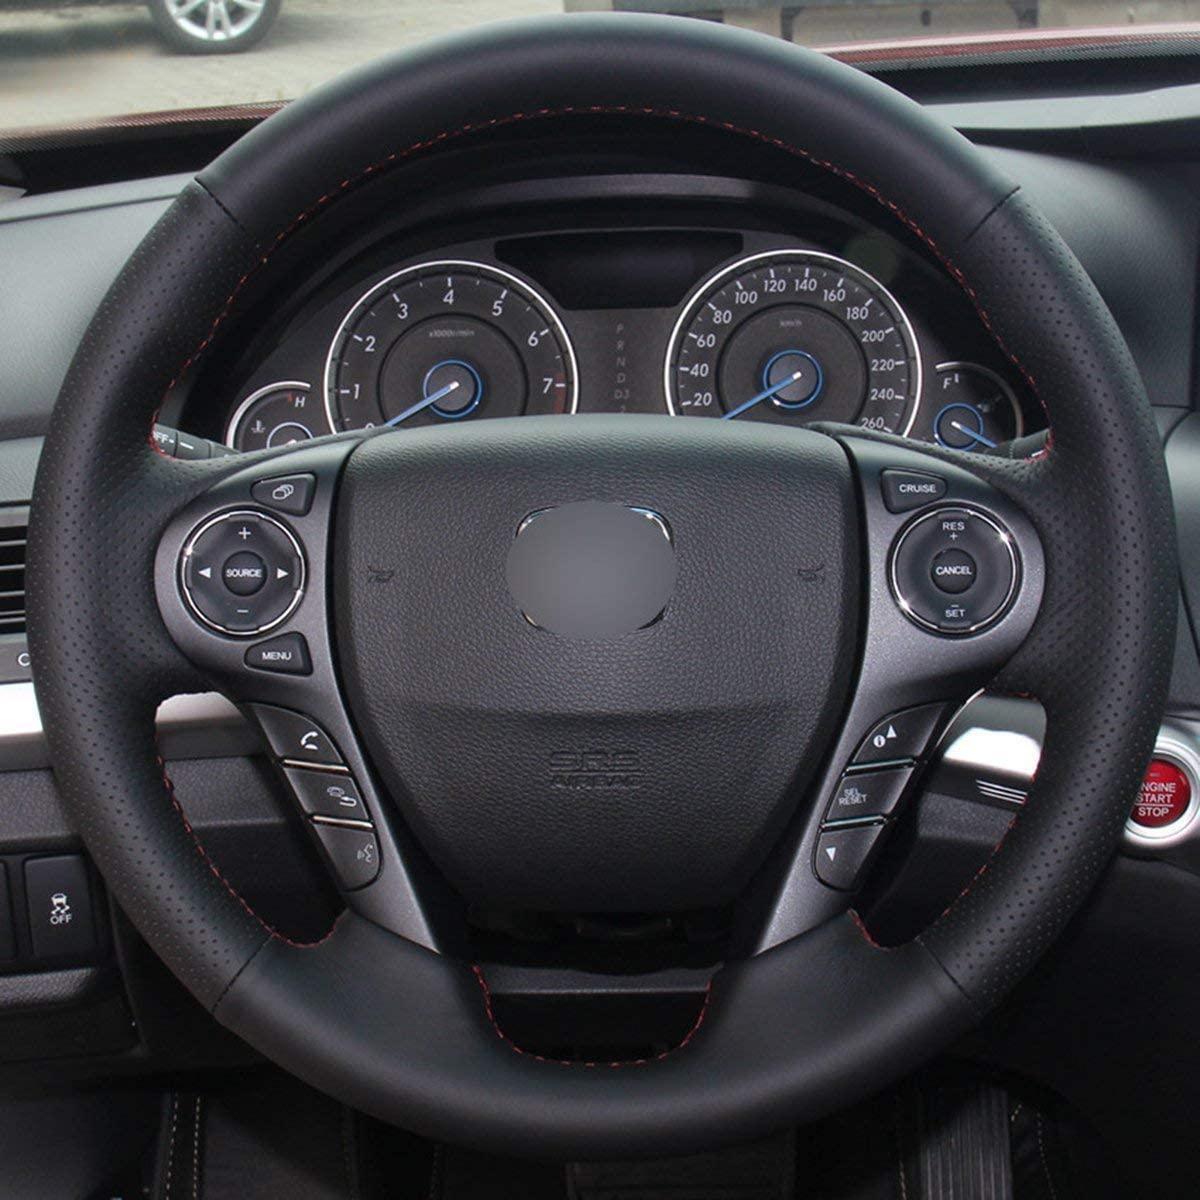 DIY CUERO GENUINO AUTOMÓVIL CUBIERTAS DE VÍAS AUTOMÓVILES PARA HONDA ACCORT SPORT Touring EX-L 2013-2017 / CROSSTOUR EX-L 2013 -2015 Accesorios